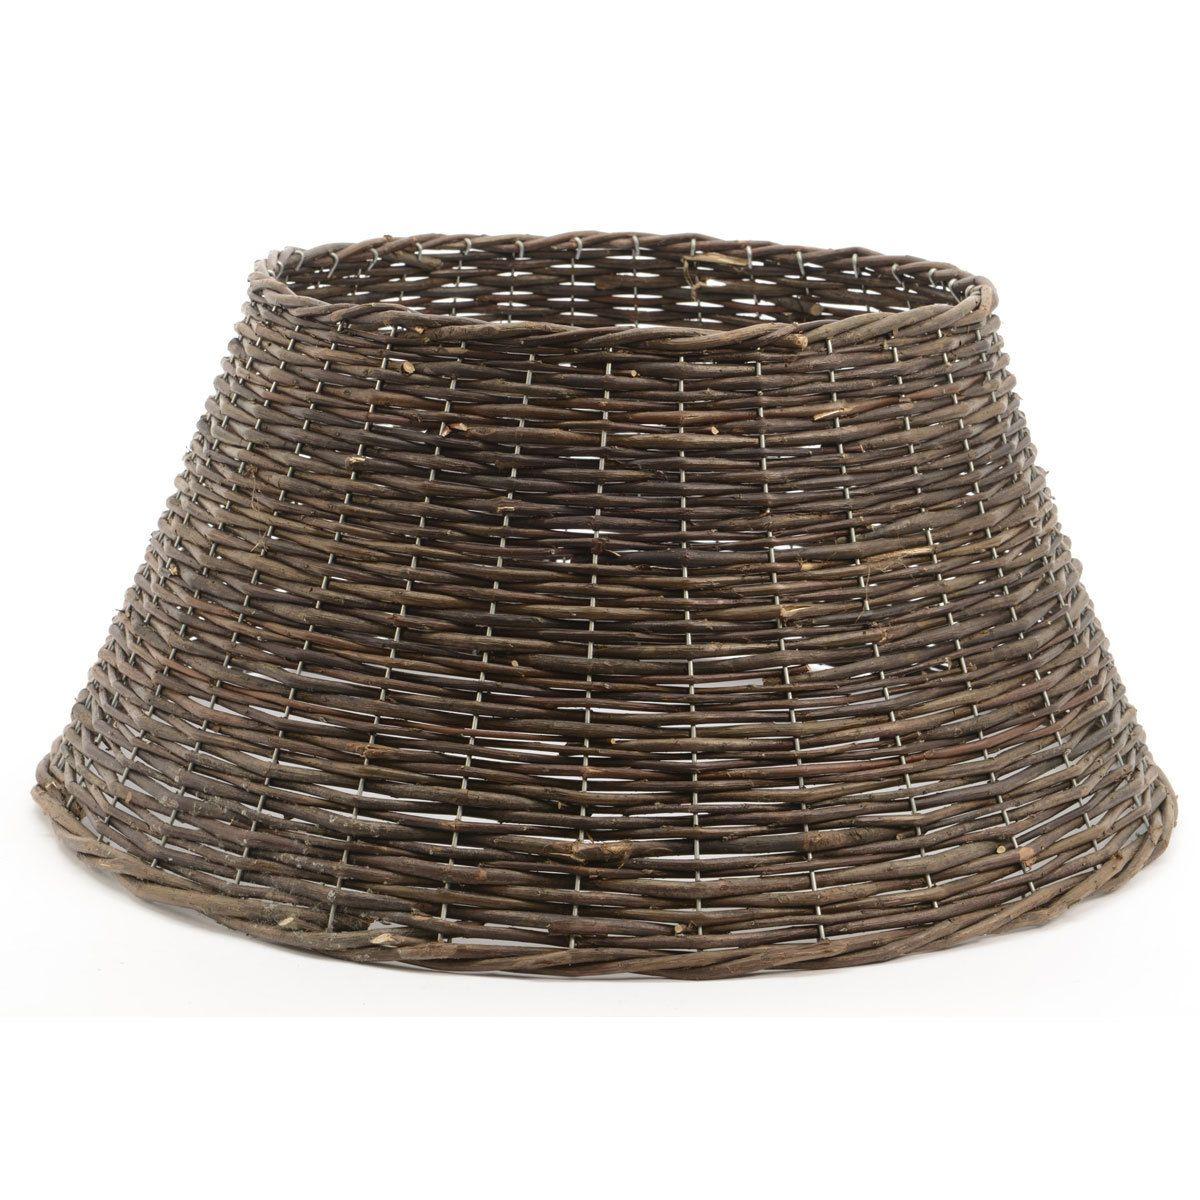 sapin de no l pied de sapin en saule 57 cm marron pied de sapin en saule 57 cm marron no l. Black Bedroom Furniture Sets. Home Design Ideas